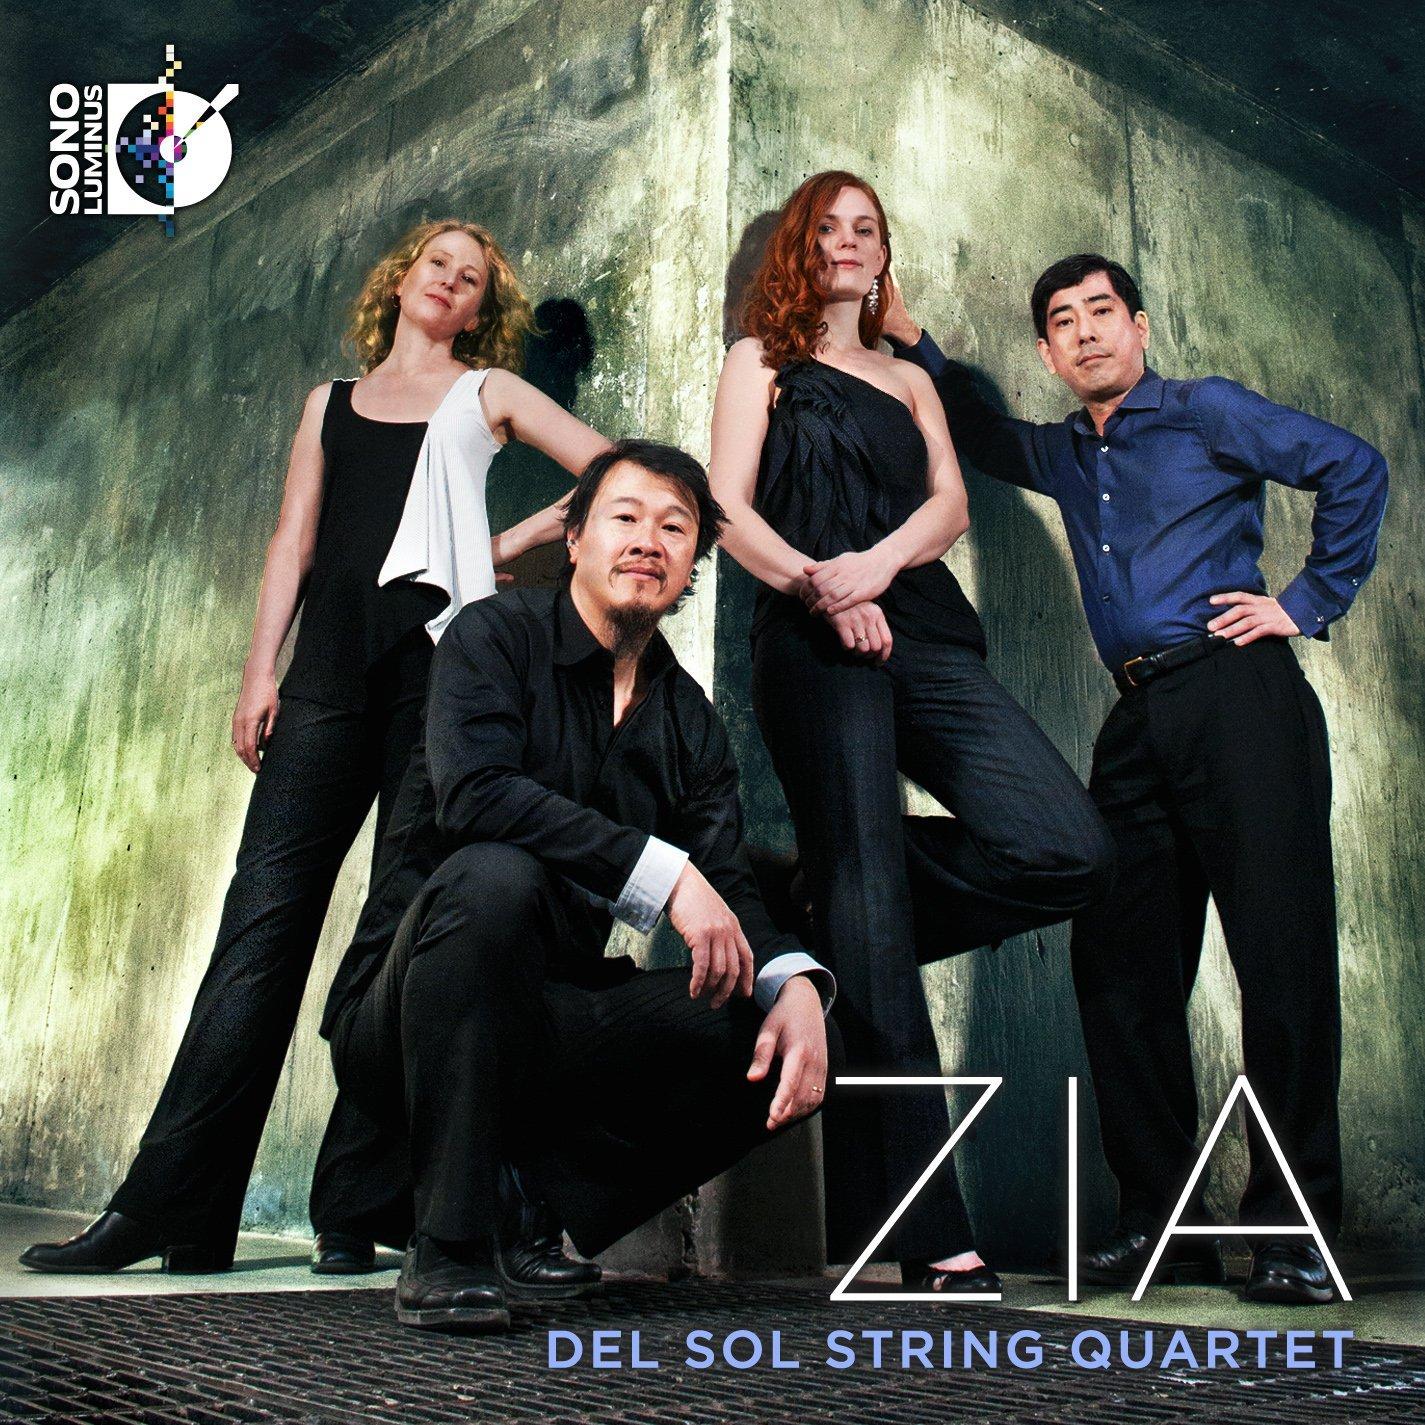 Del Sol String Quartet on Sono Luminus, Zia the Indians' symbol